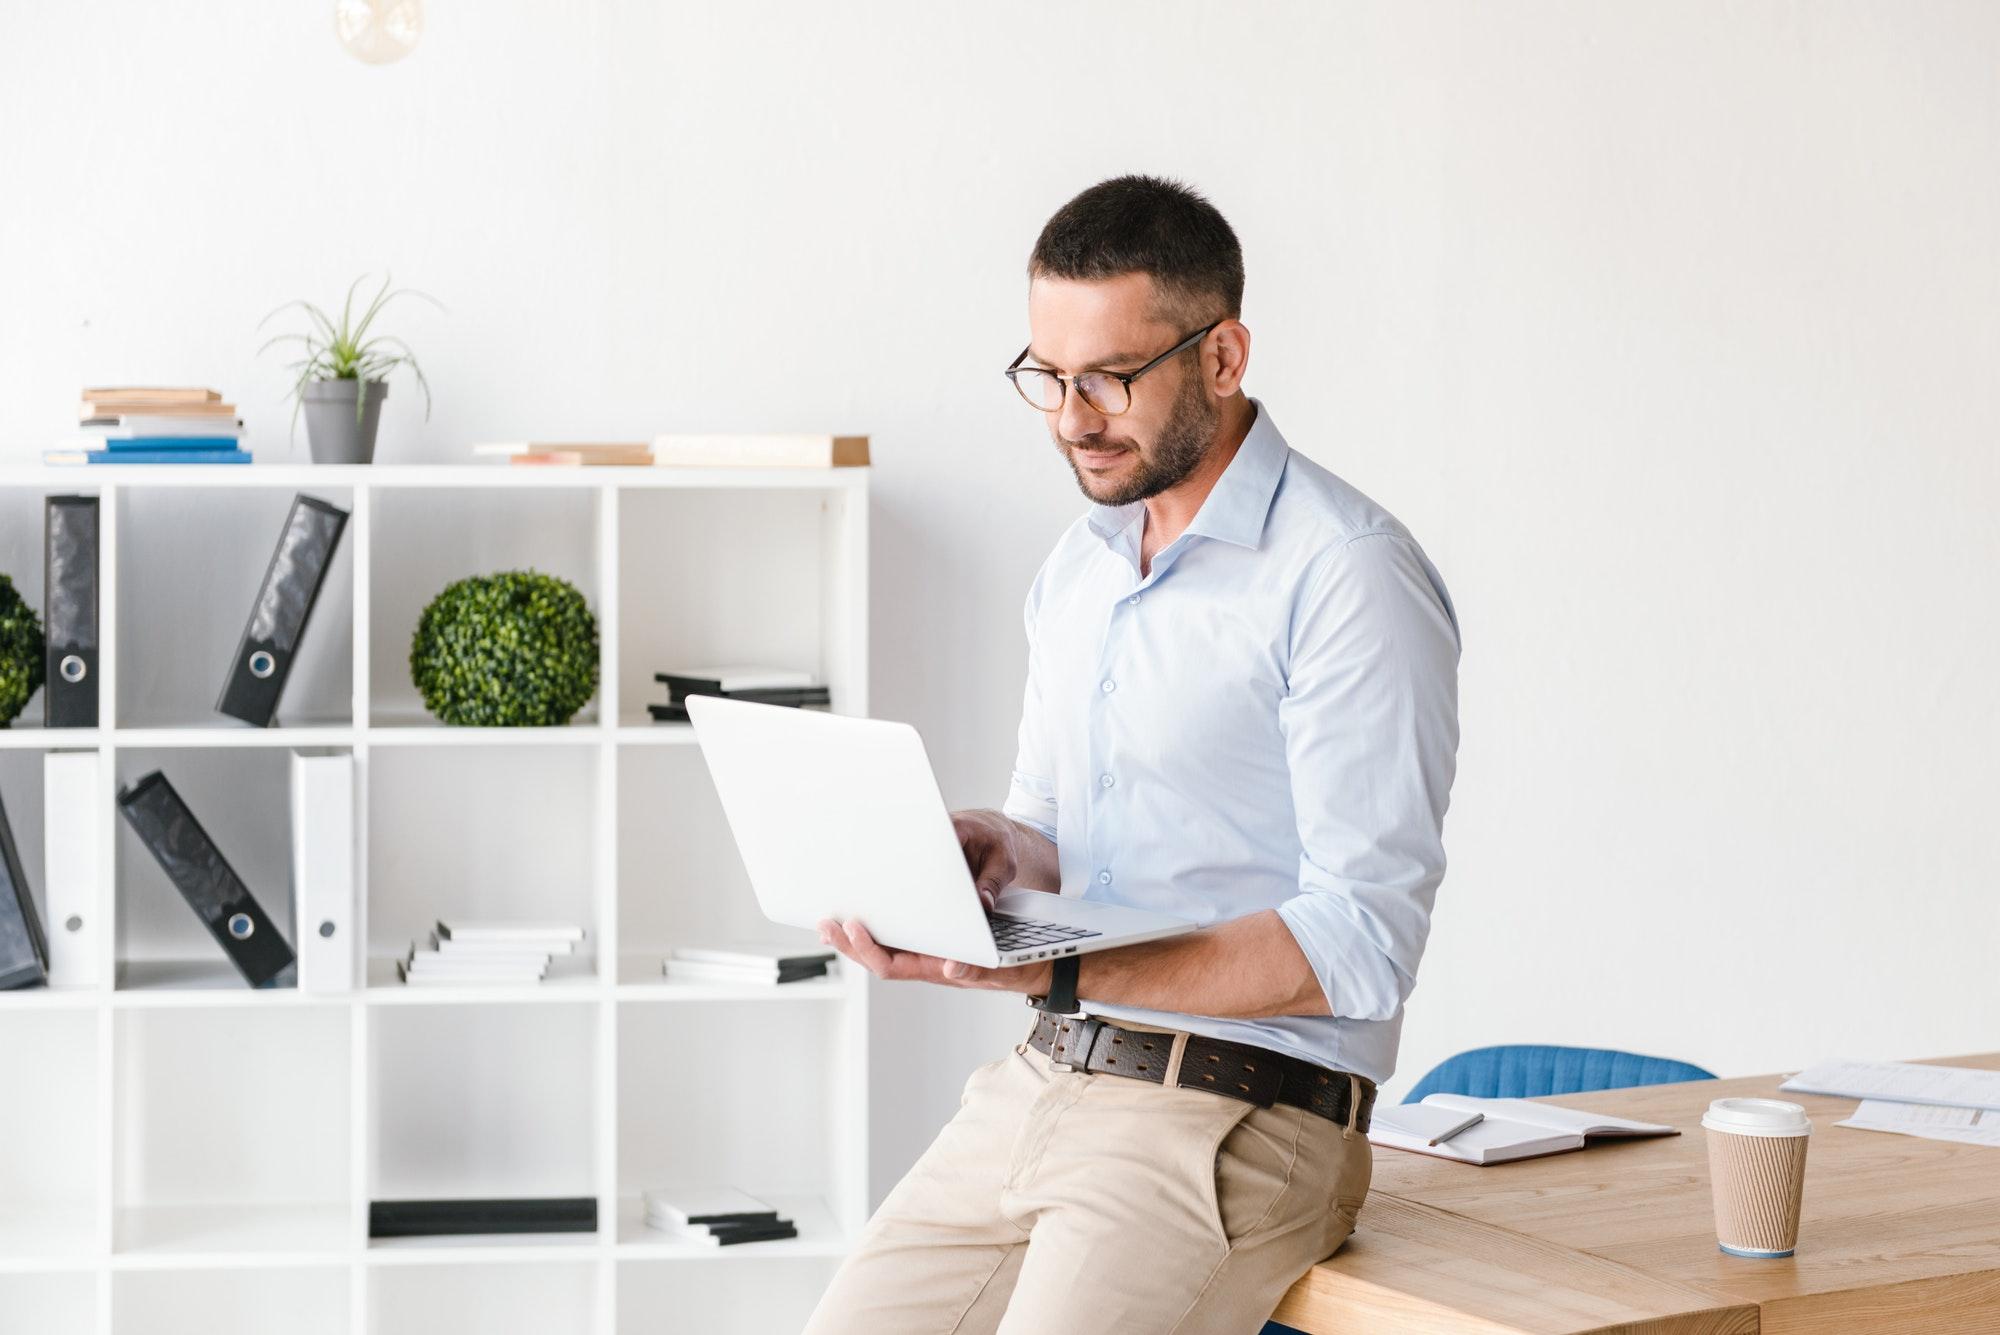 Image of businesslike man wearing white shirt sitting on table i